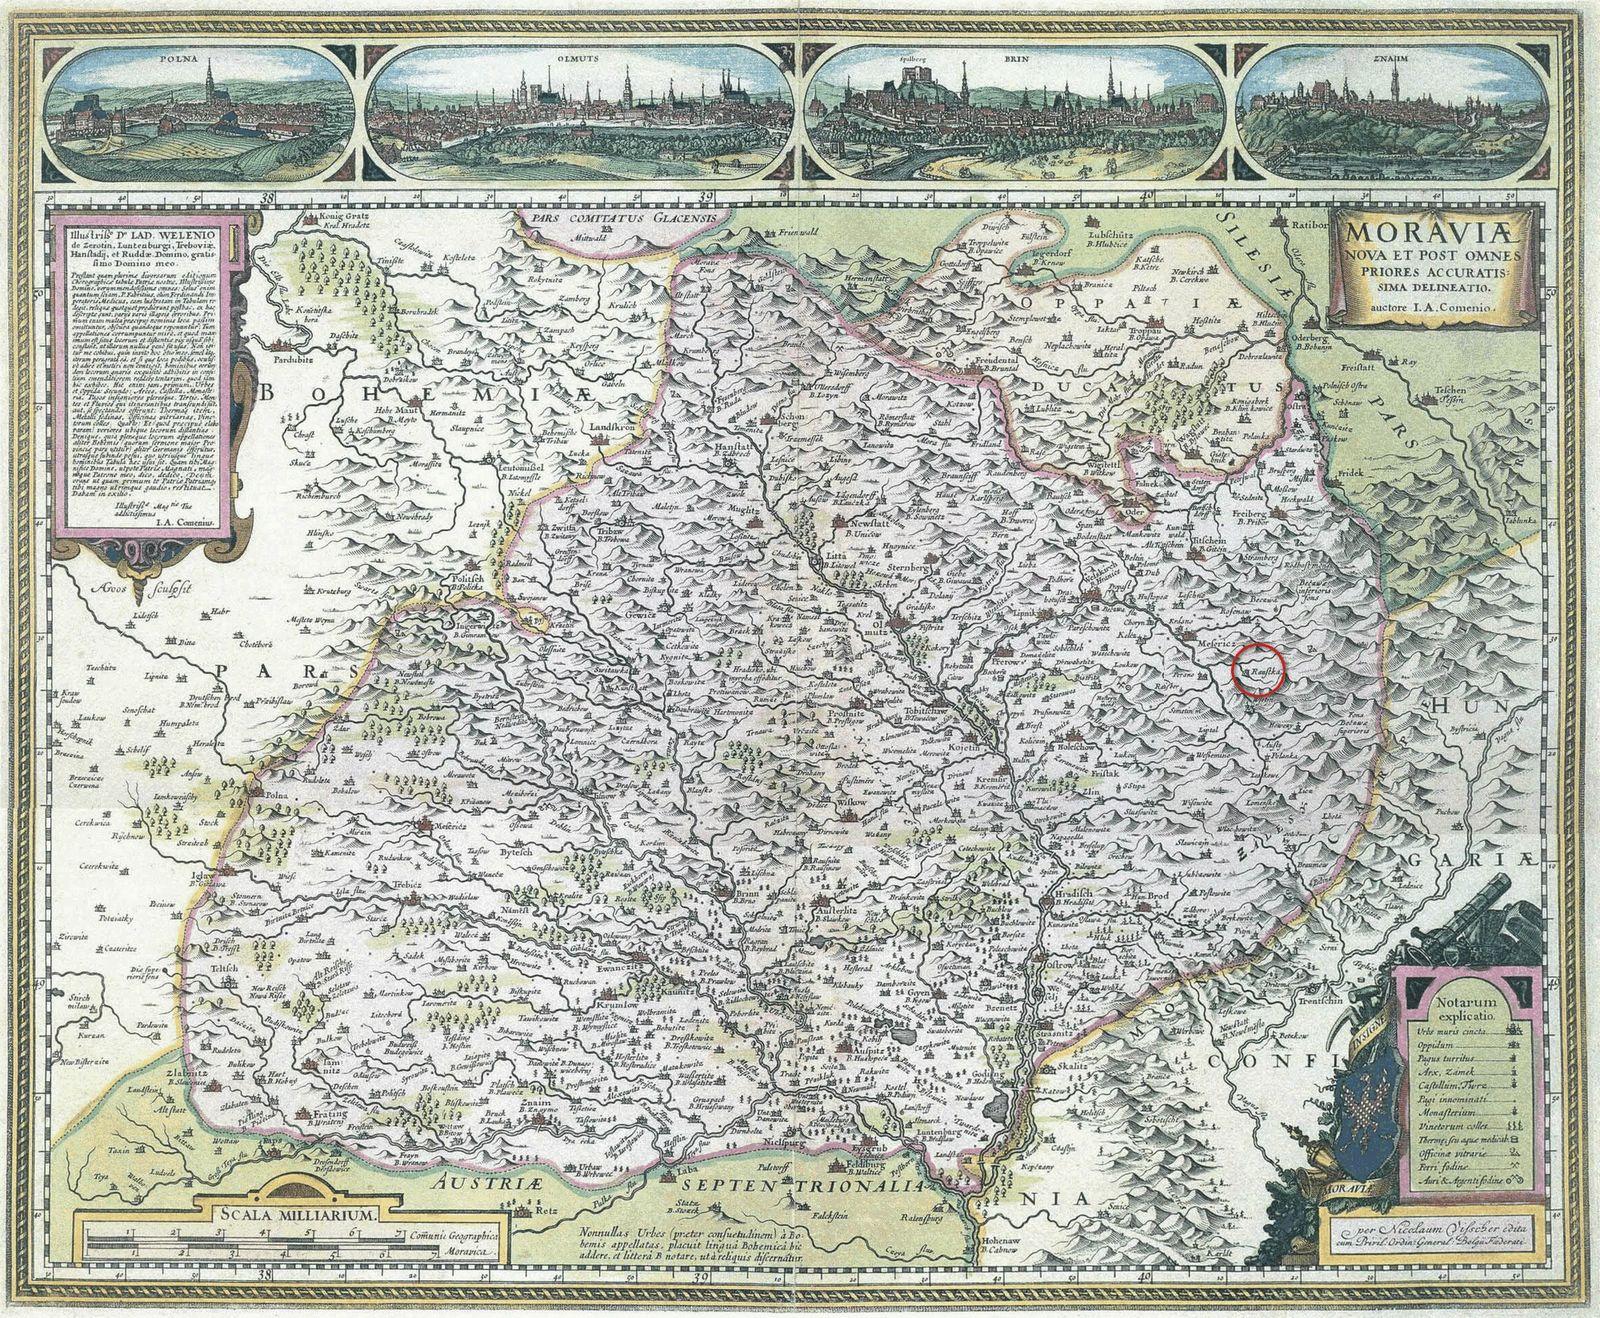 Komenského mapa Moravy z roku 1680 podle rytiny z roku 1627